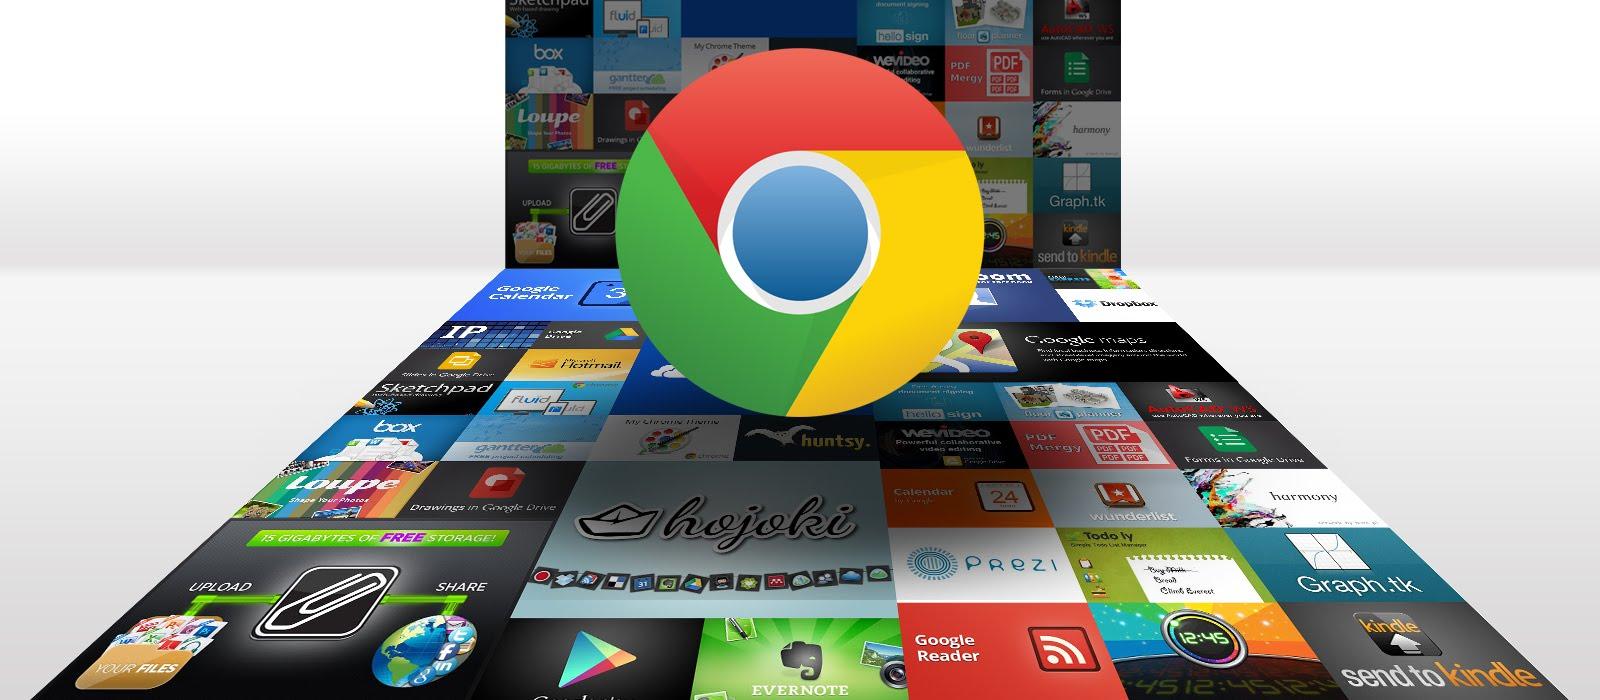 Pasang Ekstensi Google Chrome Ini Untuk Menambah Kenyamanan Browsing Internet » Pasang Ekstensi Google Chrome Ini Untuk Menambah Kenyamanan Browsing Internet